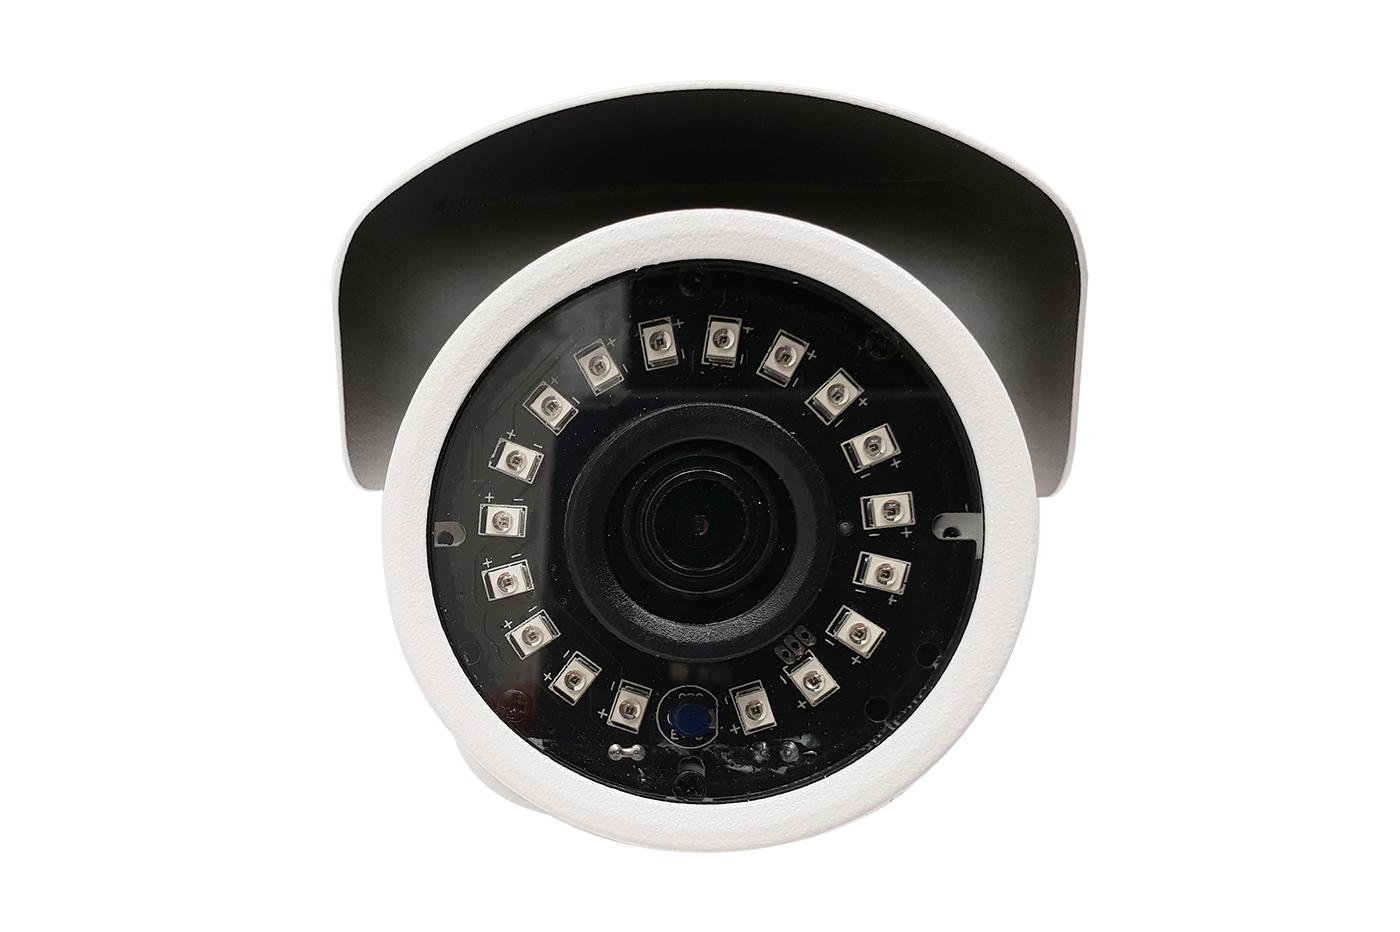 Plafoniera Da Esterno Con Telecamera : Bes ahd beselettronica telecamera videosorveglianza